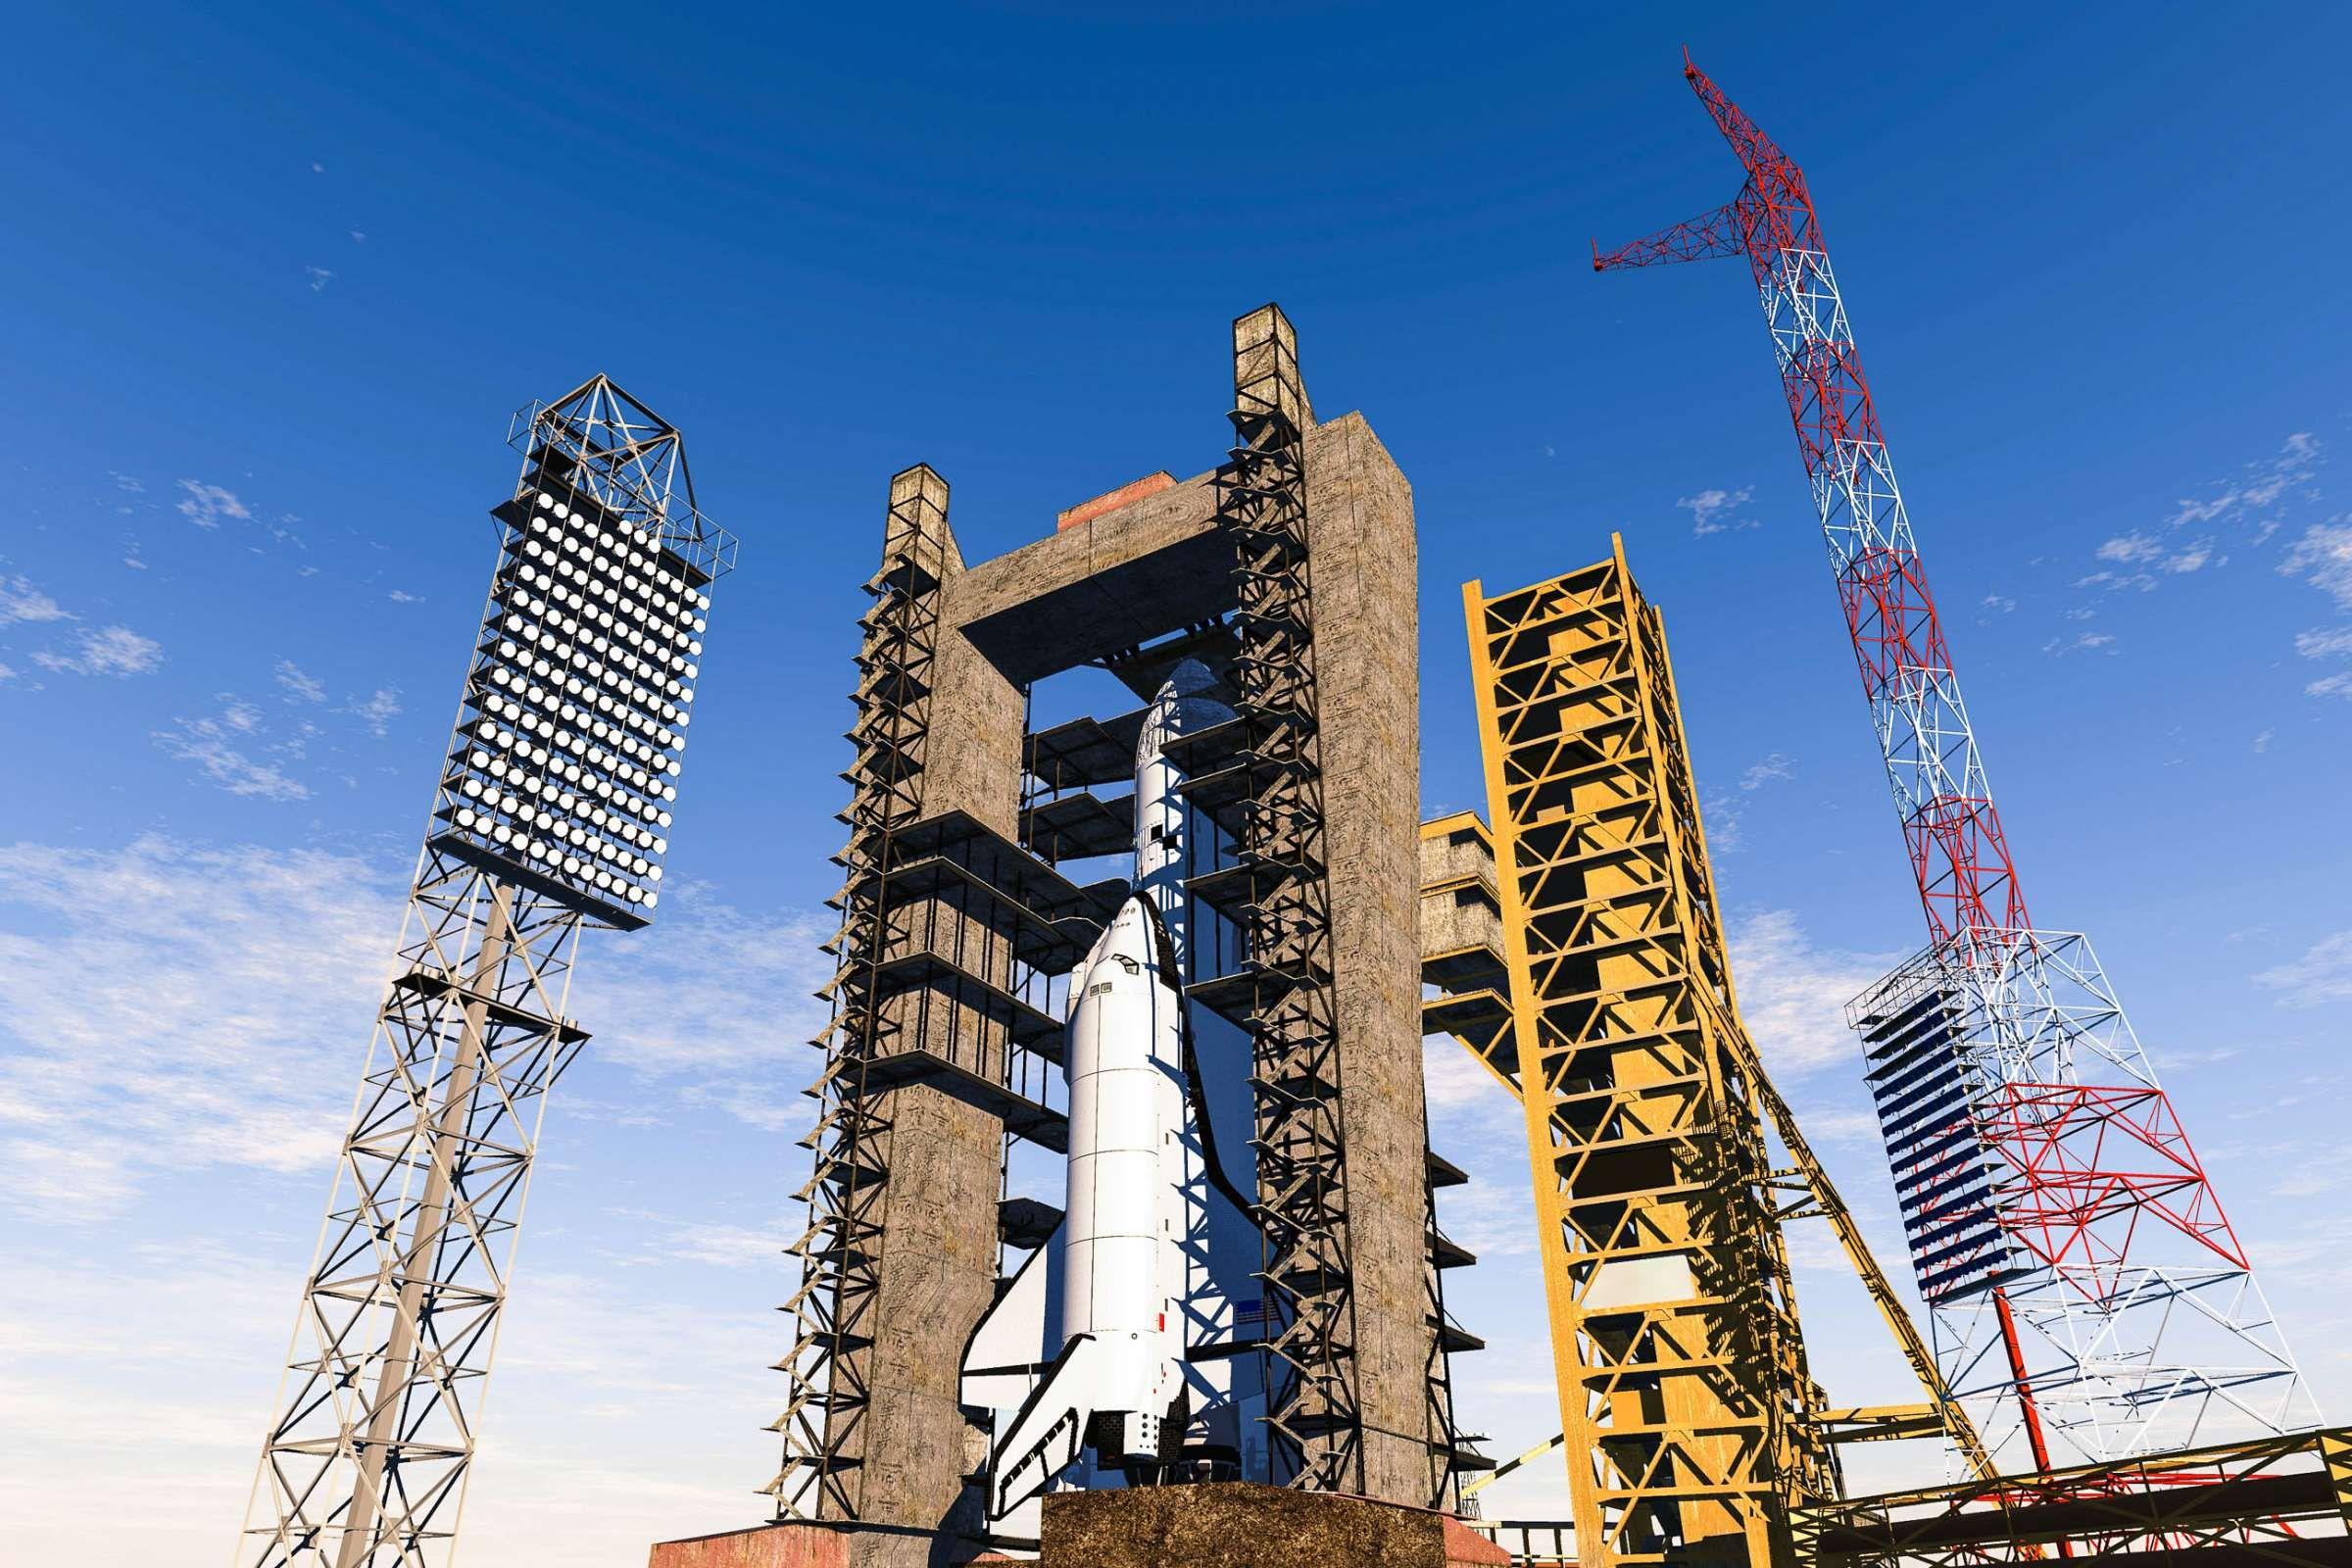 Der Weltraumbahnhof Von Baikonur In Der Steppe Kasachstans Ist Der Grosste Raketenstartplatz Der Welt Kasachstan Tadschikistan Kirgistan